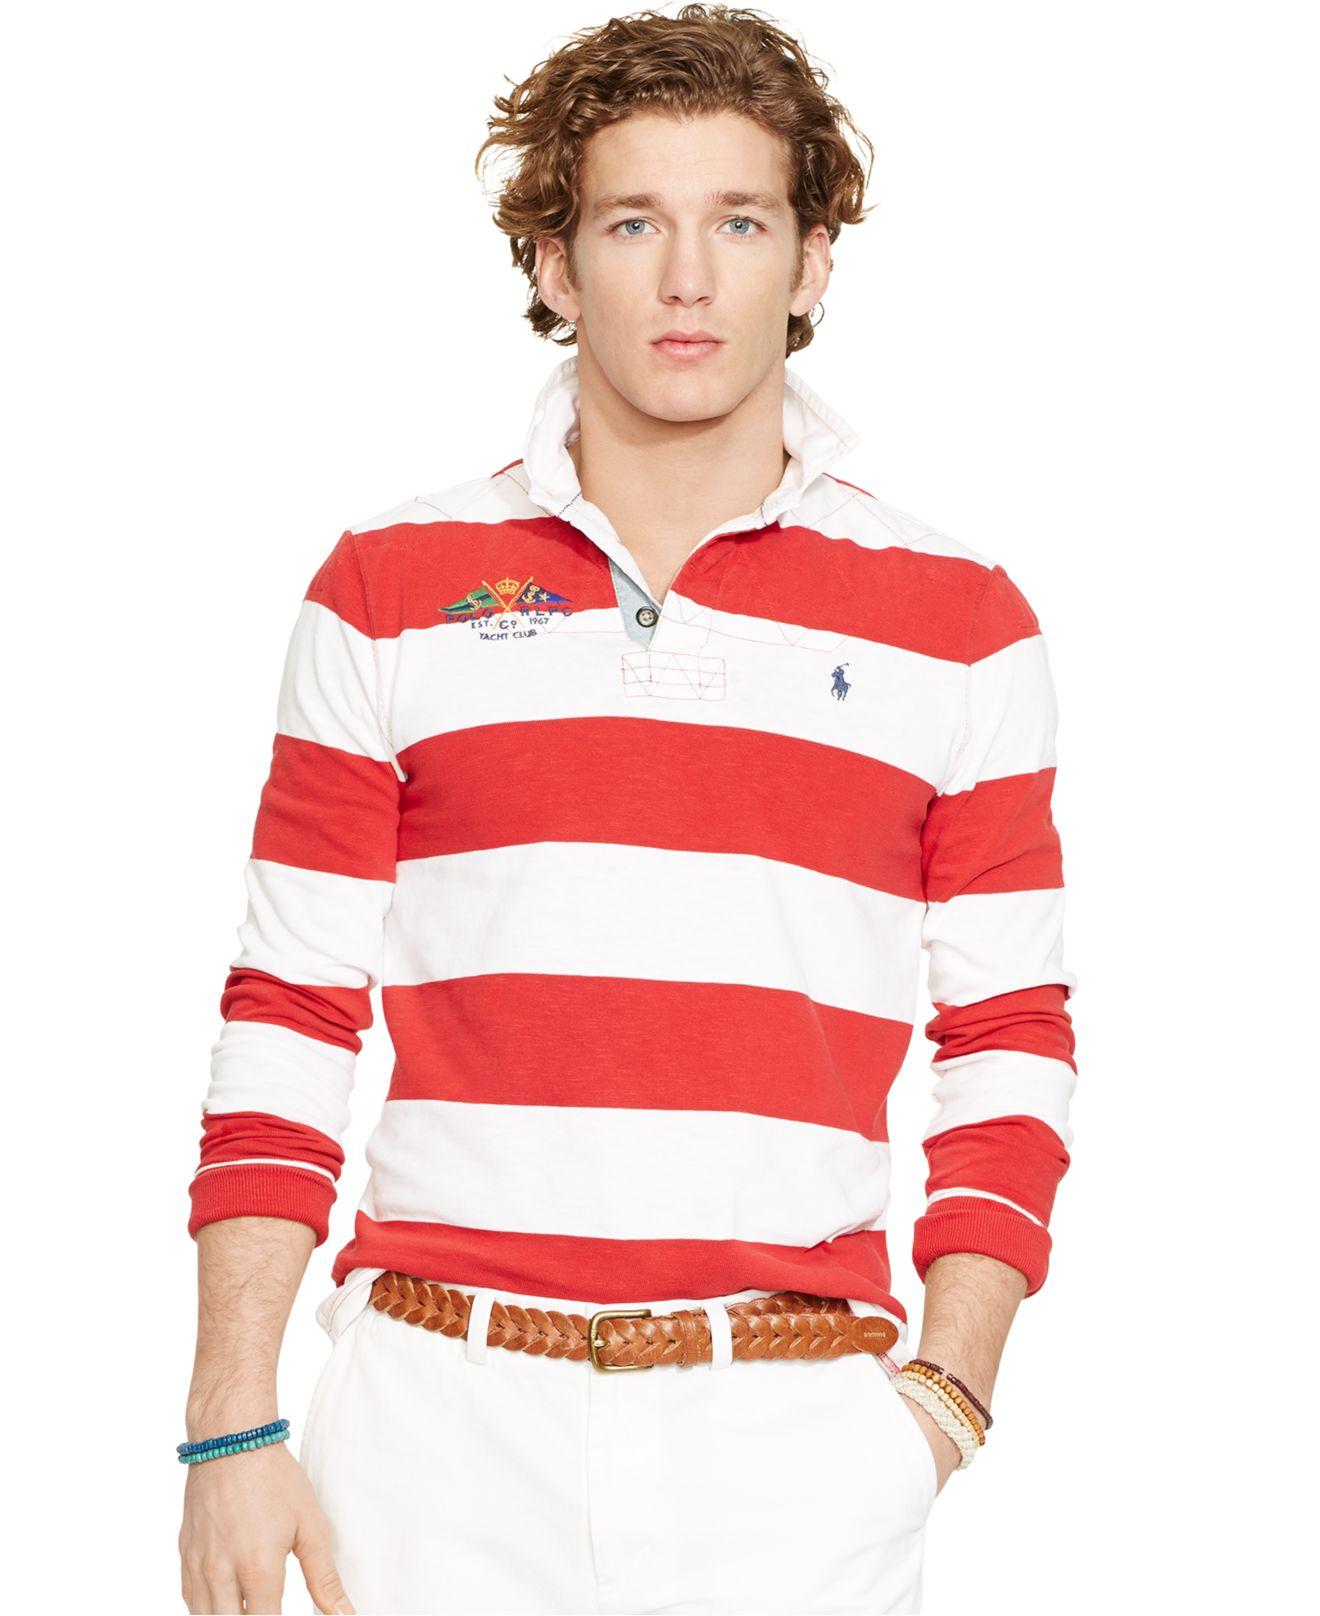 Womens Rugby Shirts Ralph Lauren